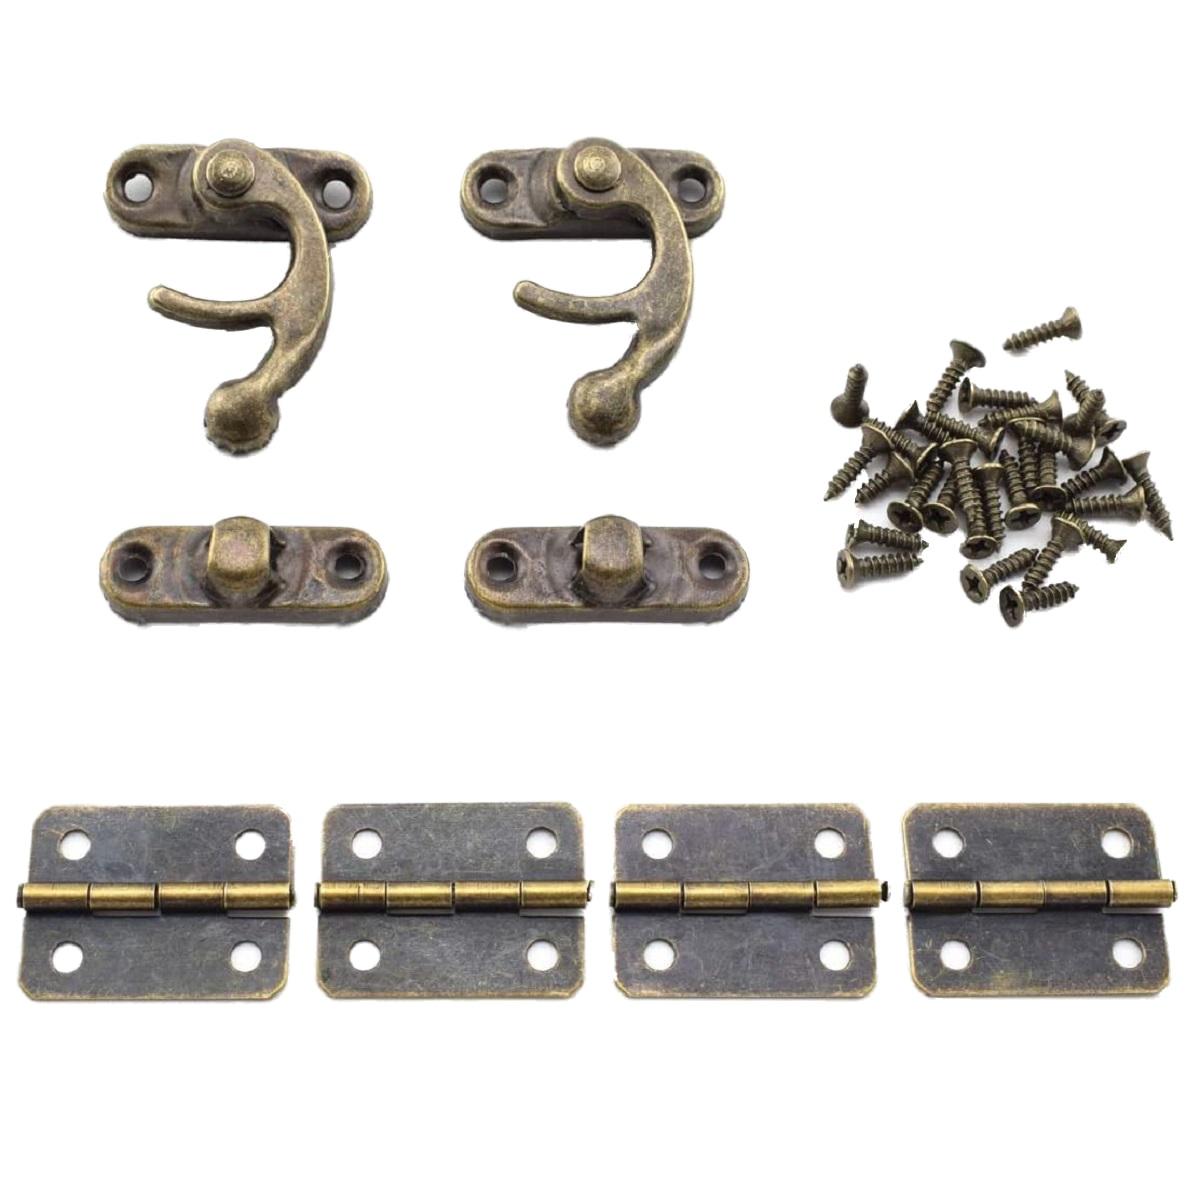 قیمت                                      لولا و قفل مدل AS040 مجموعه 6 عددی